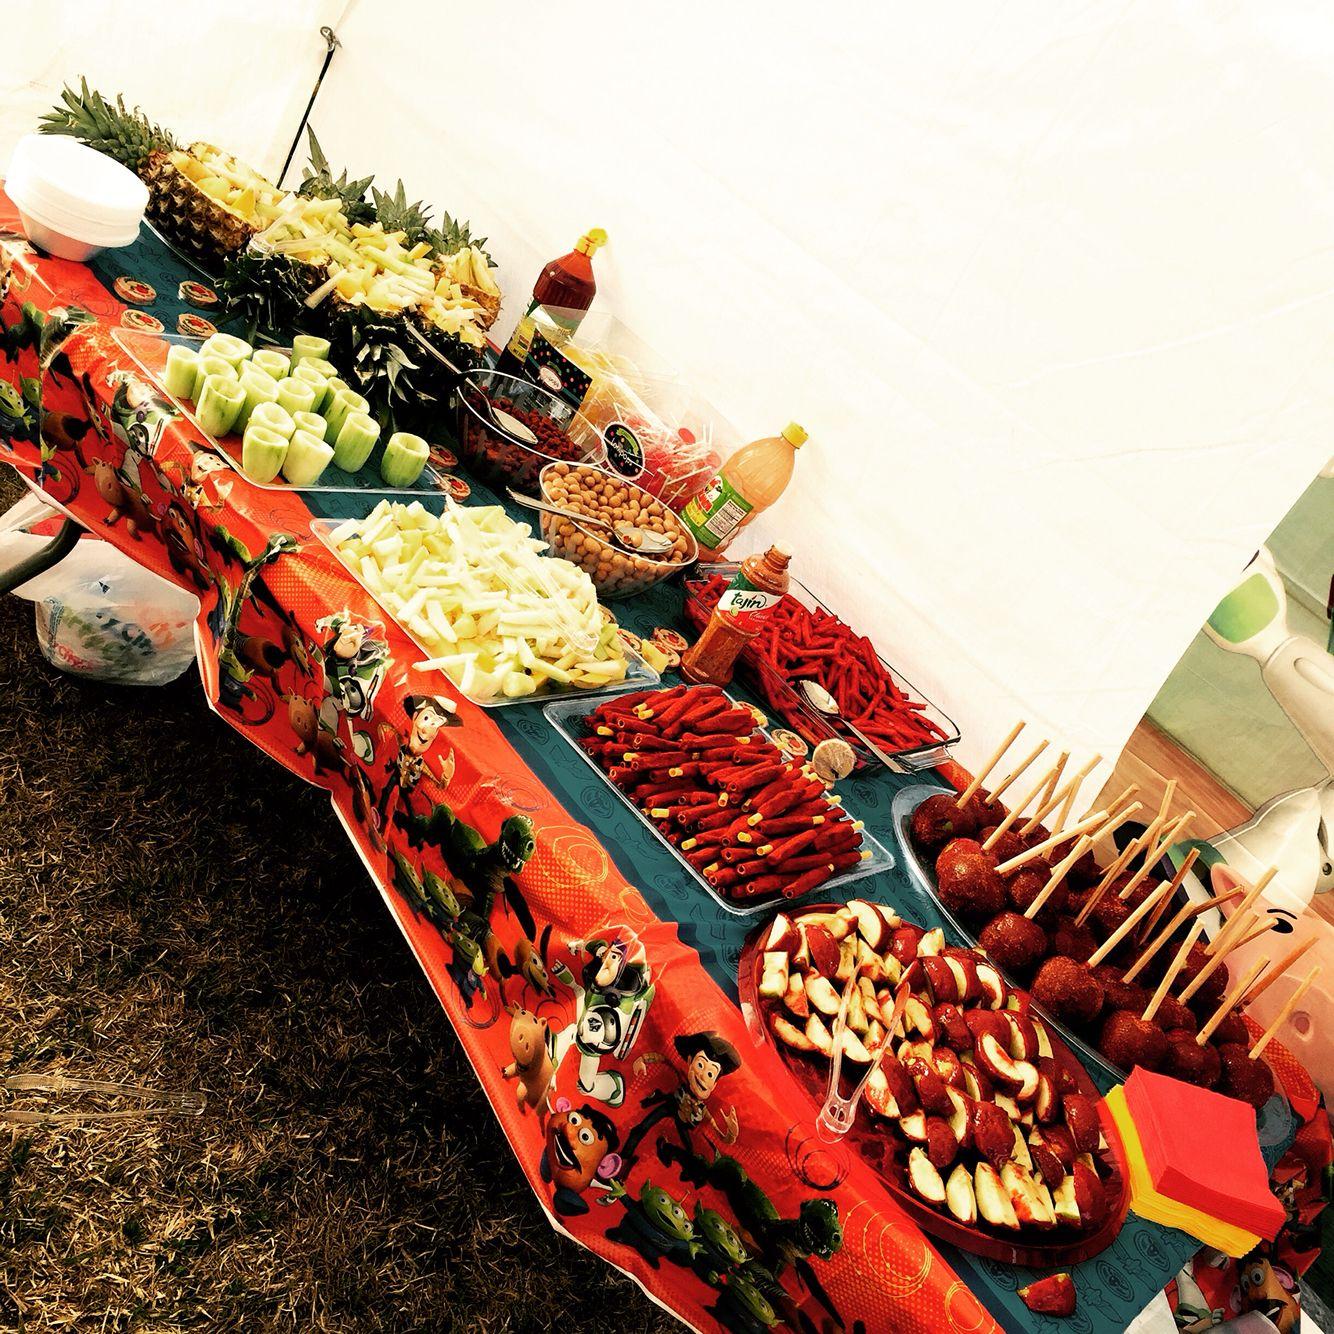 Chamoy Table Con Pina Locas Pepi Locos Chicharones Con Cueritos Mesas De Frutas Mesa De Frutas Fiestas Ideas Mesas De Dulces